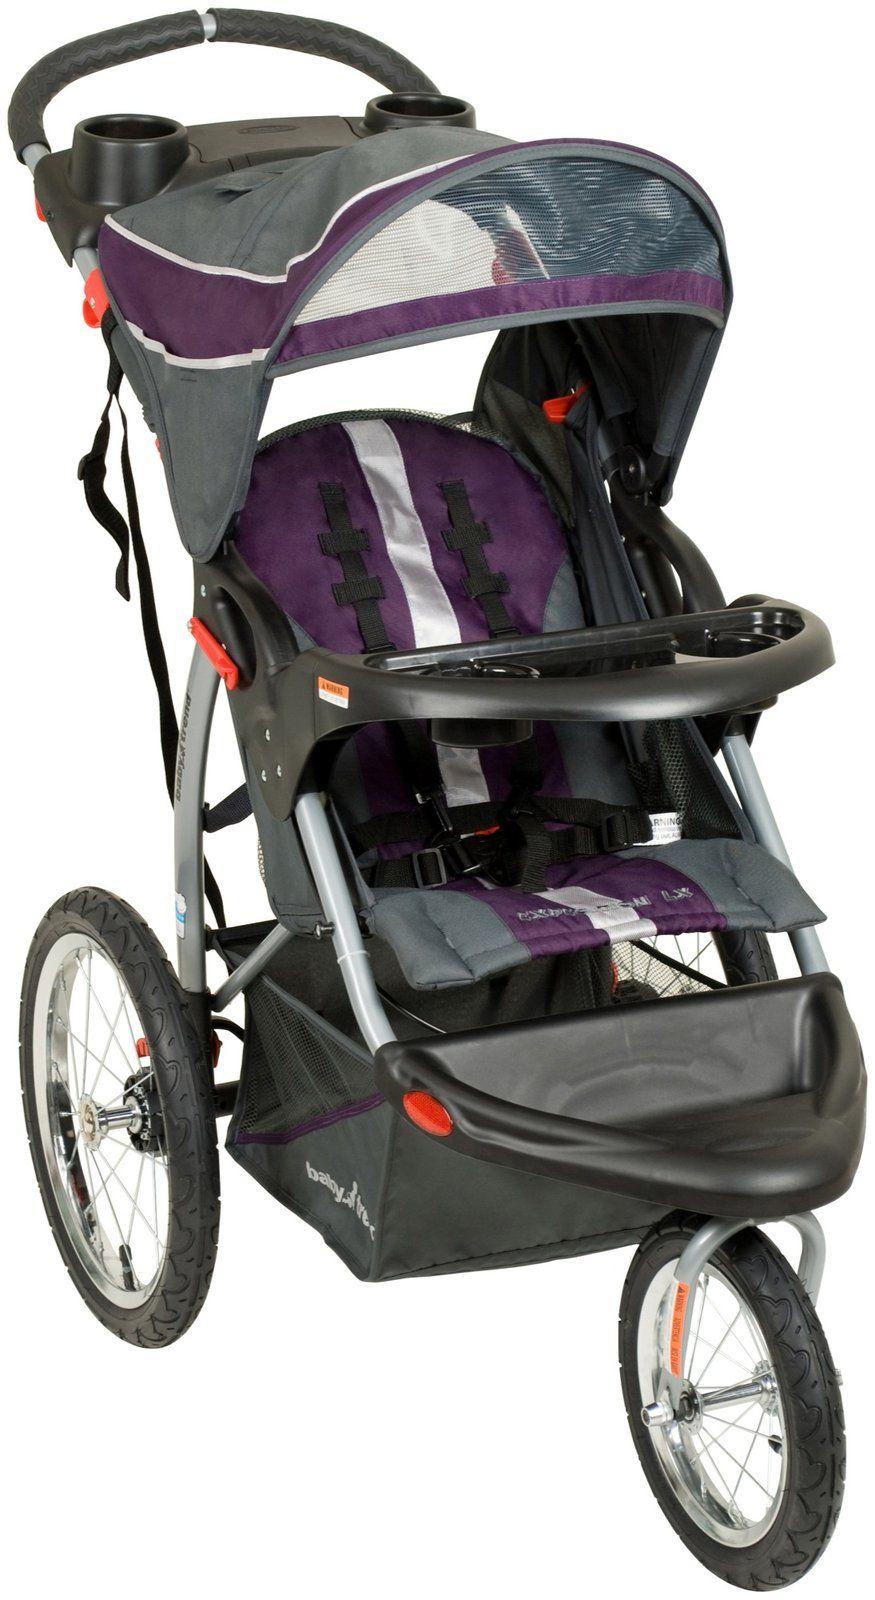 Best lightweight baby Strollers 2018 5 top umbrella